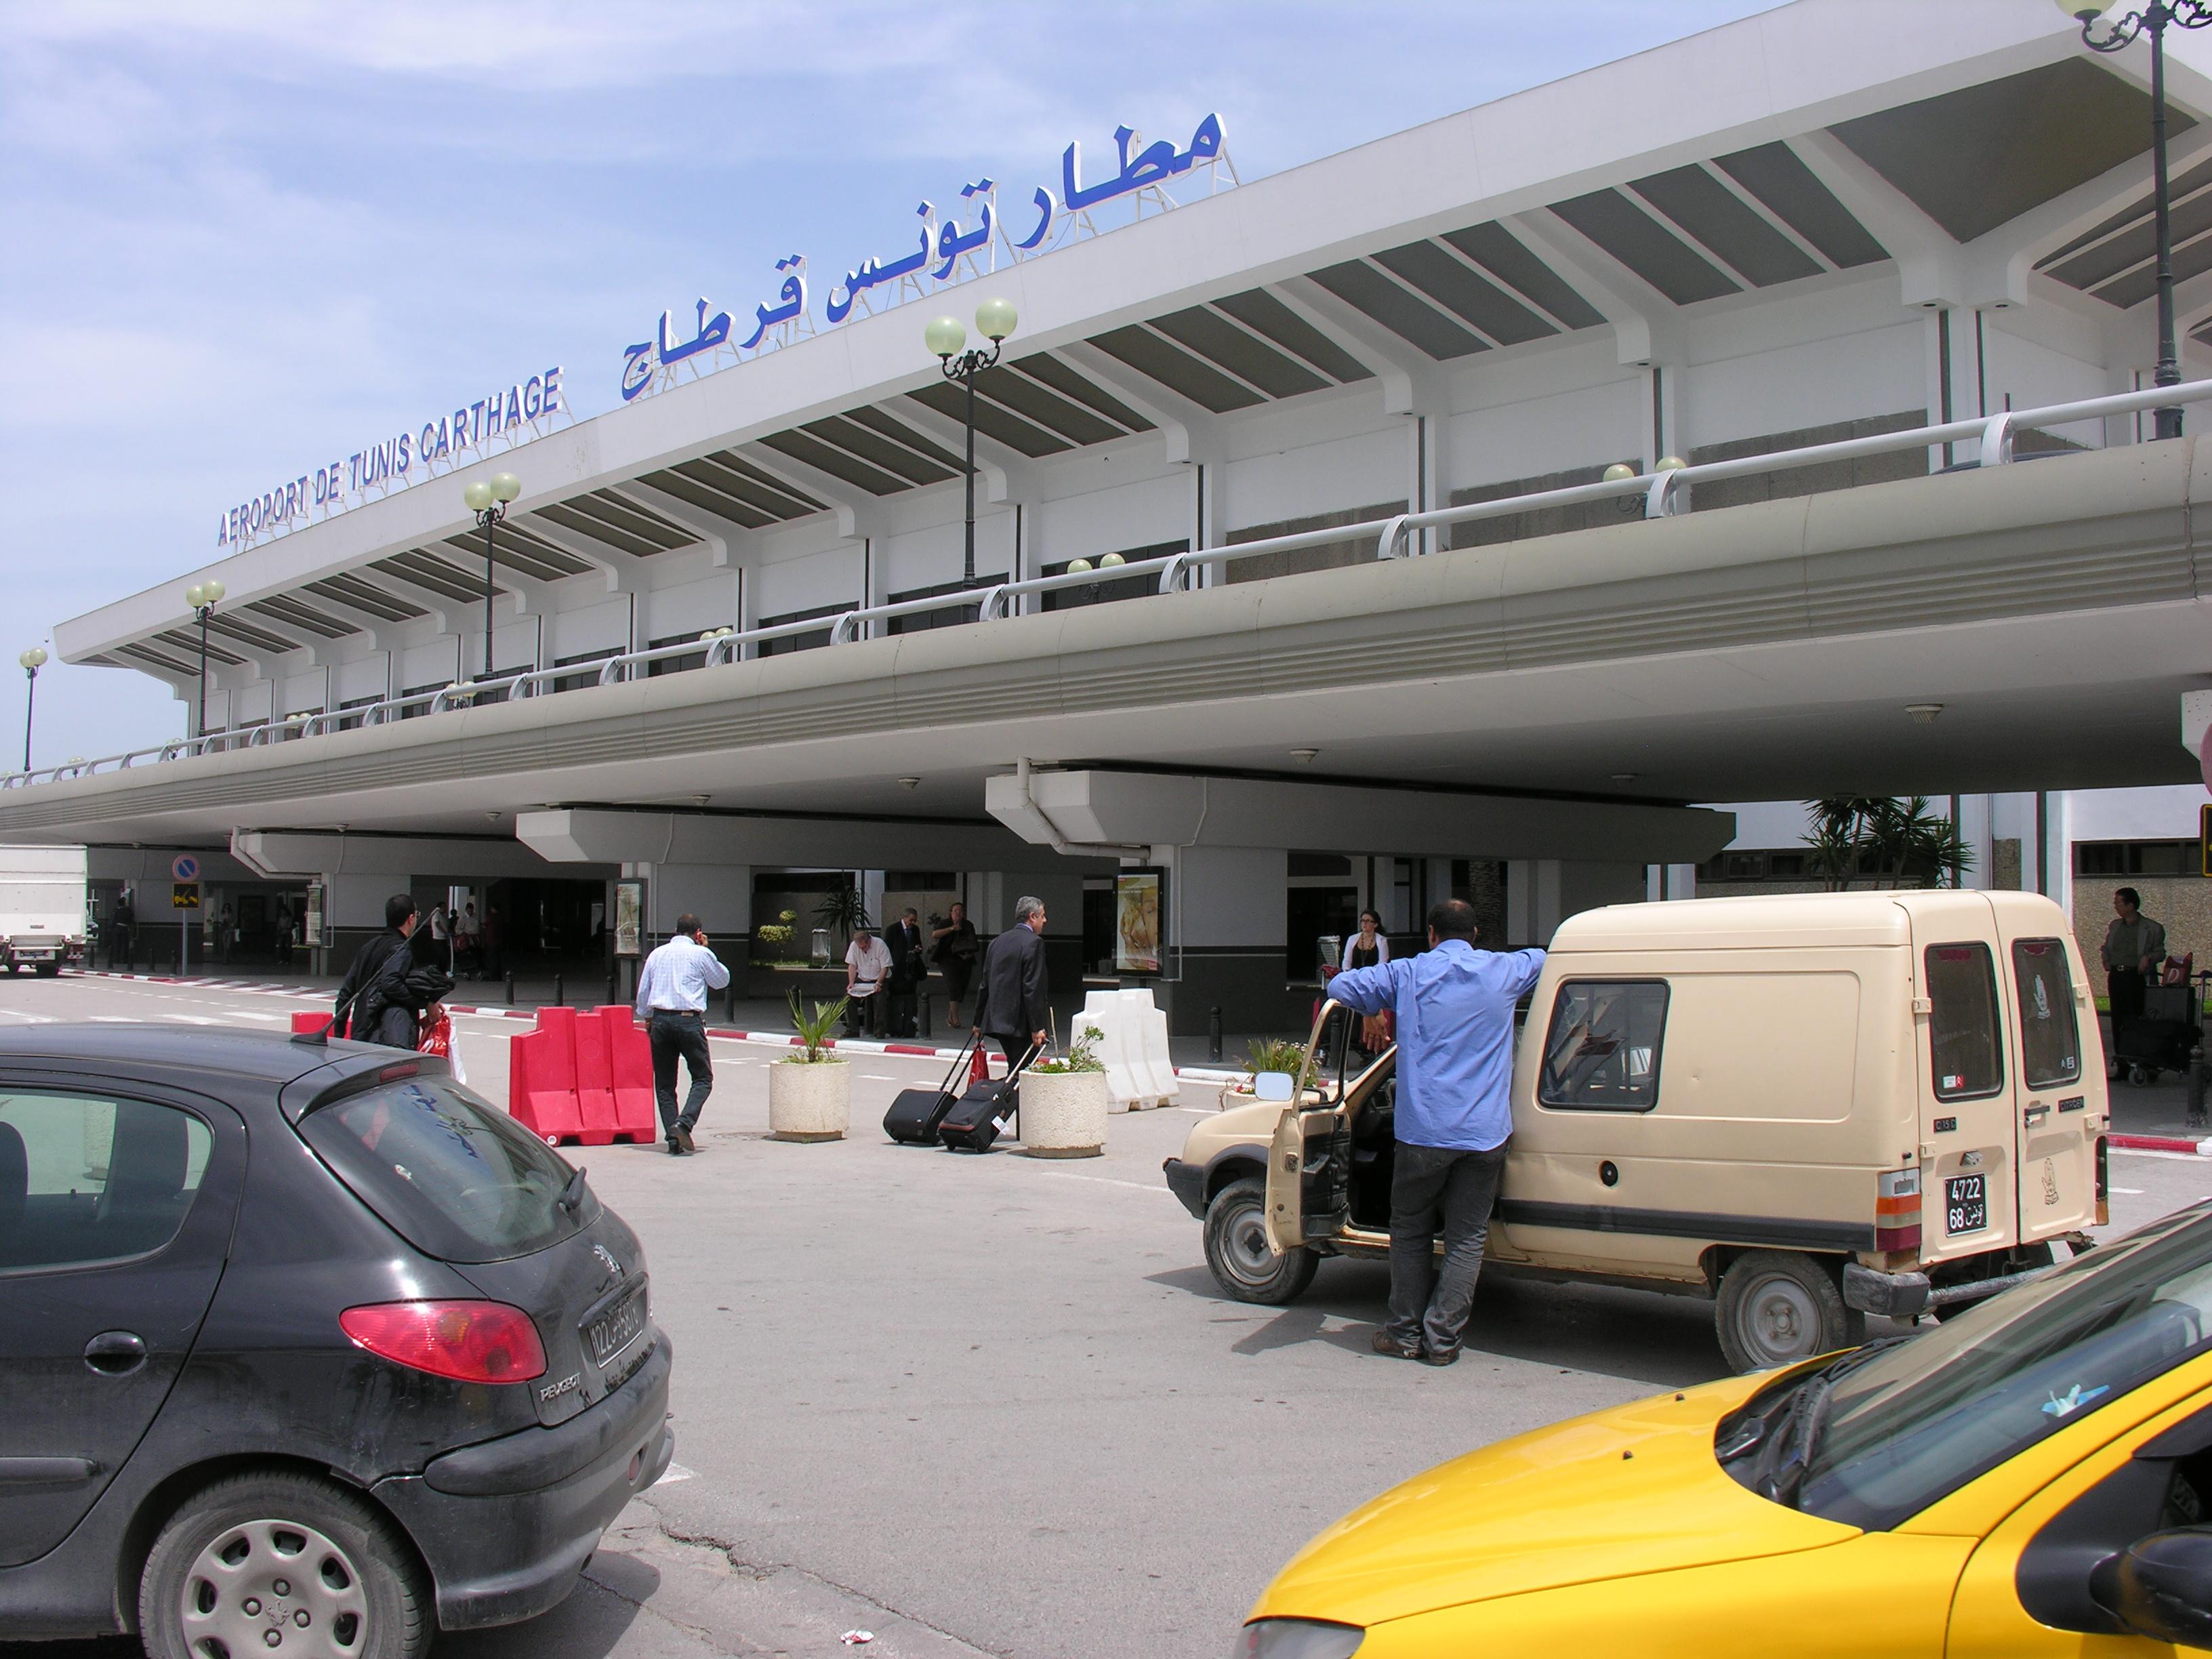 L a roport tunis carthage interdit aux avions en - Office de l aviation civile et des aeroports tunisie ...